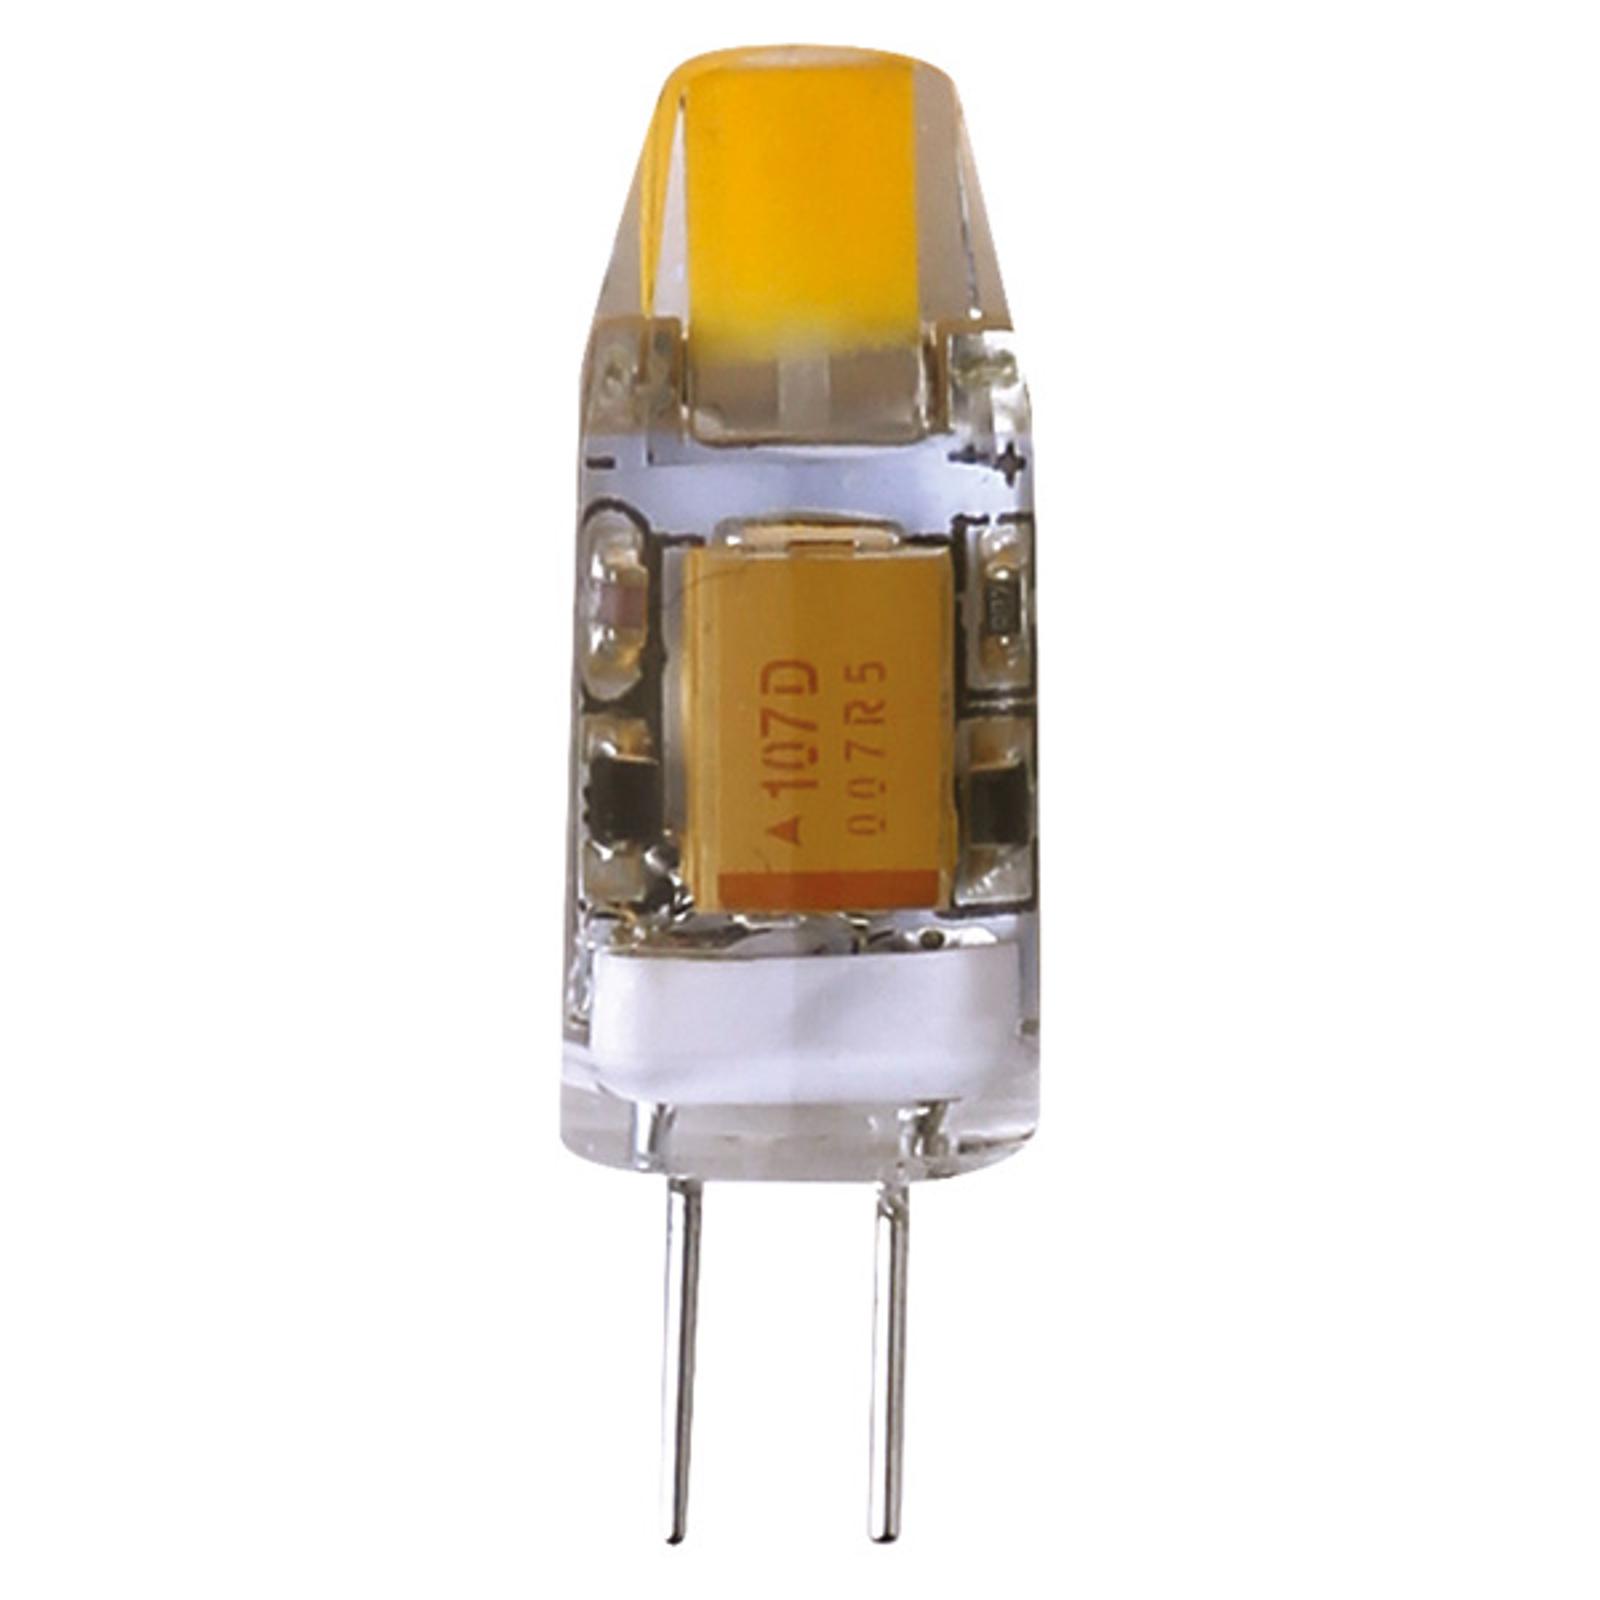 Żarówka sztyft LED G4 1,2 W 828